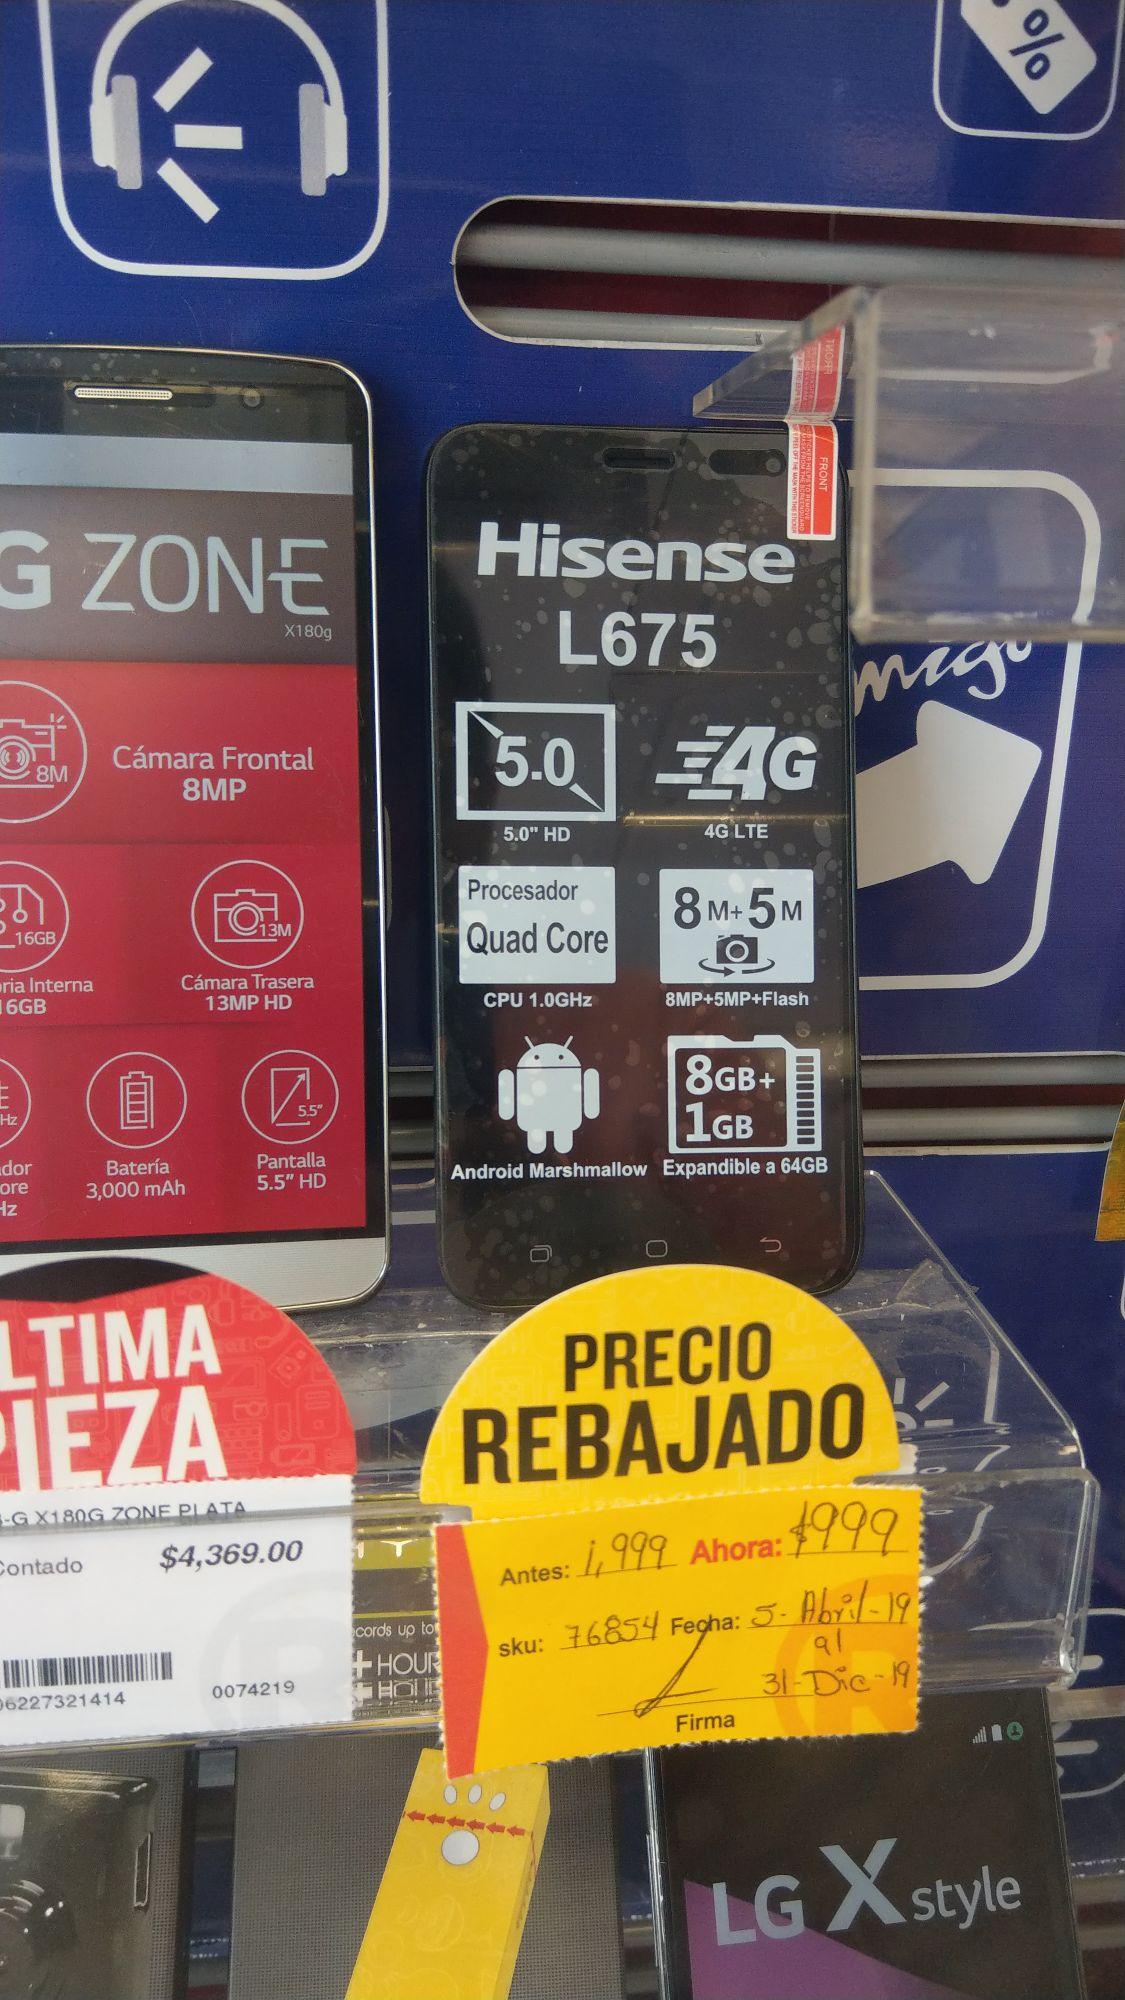 RadioShack Xochimilco smartphone HISENSE L675